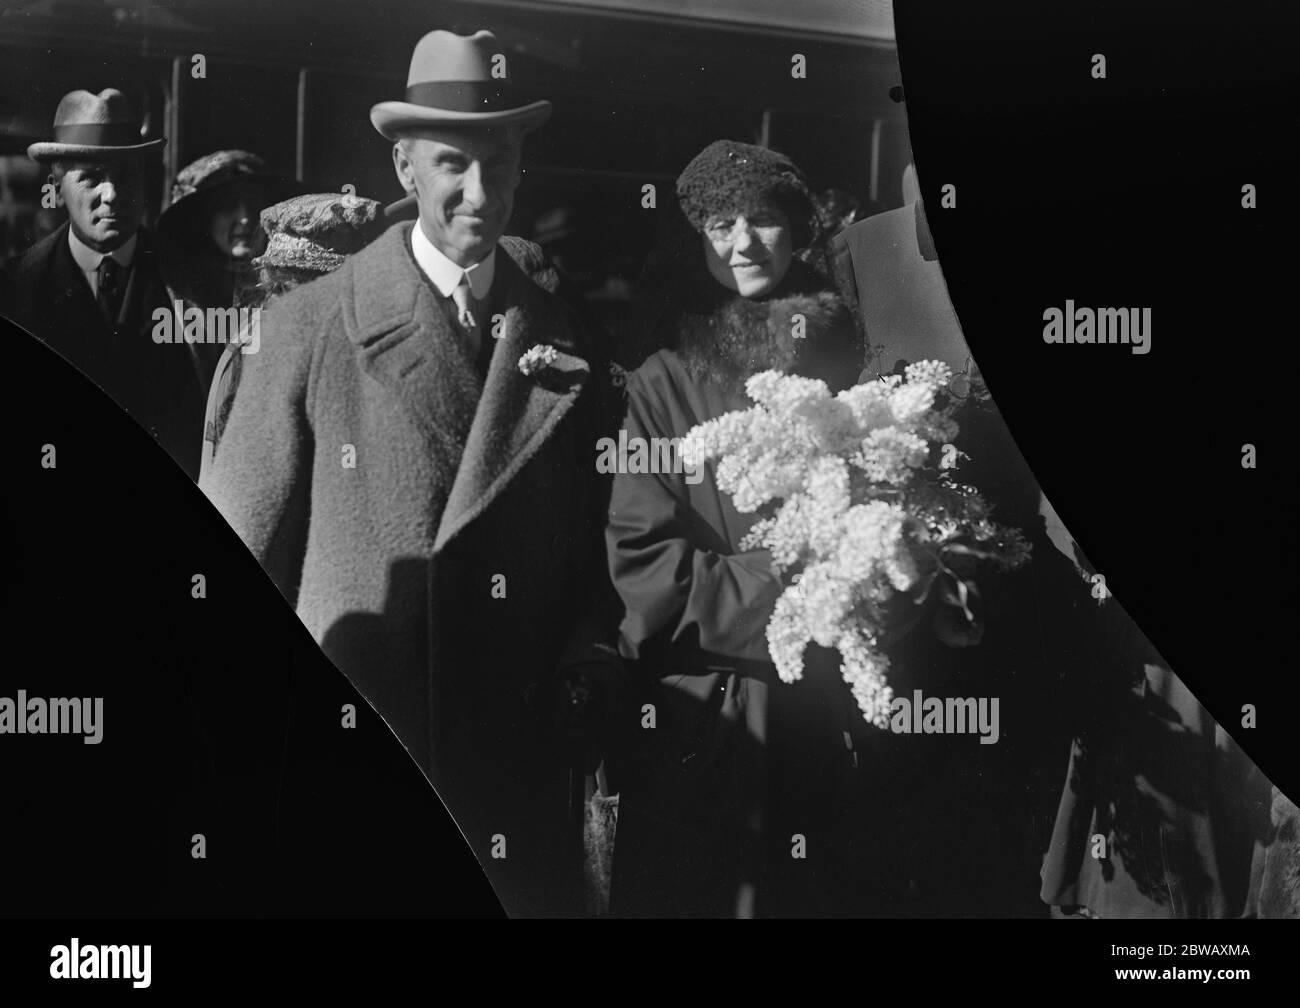 Le nouveau gouverneur du Bengale part pour l'Inde . Le comte de Lytton , qui a été nommé gouverneur du Bengale , a quitté Londres avec la comtesse de Lytton pour prendre ses fonctions . Le comte et la comtesse photographiés à Victoria avant leur départ . 10 mars 1922 Banque D'Images